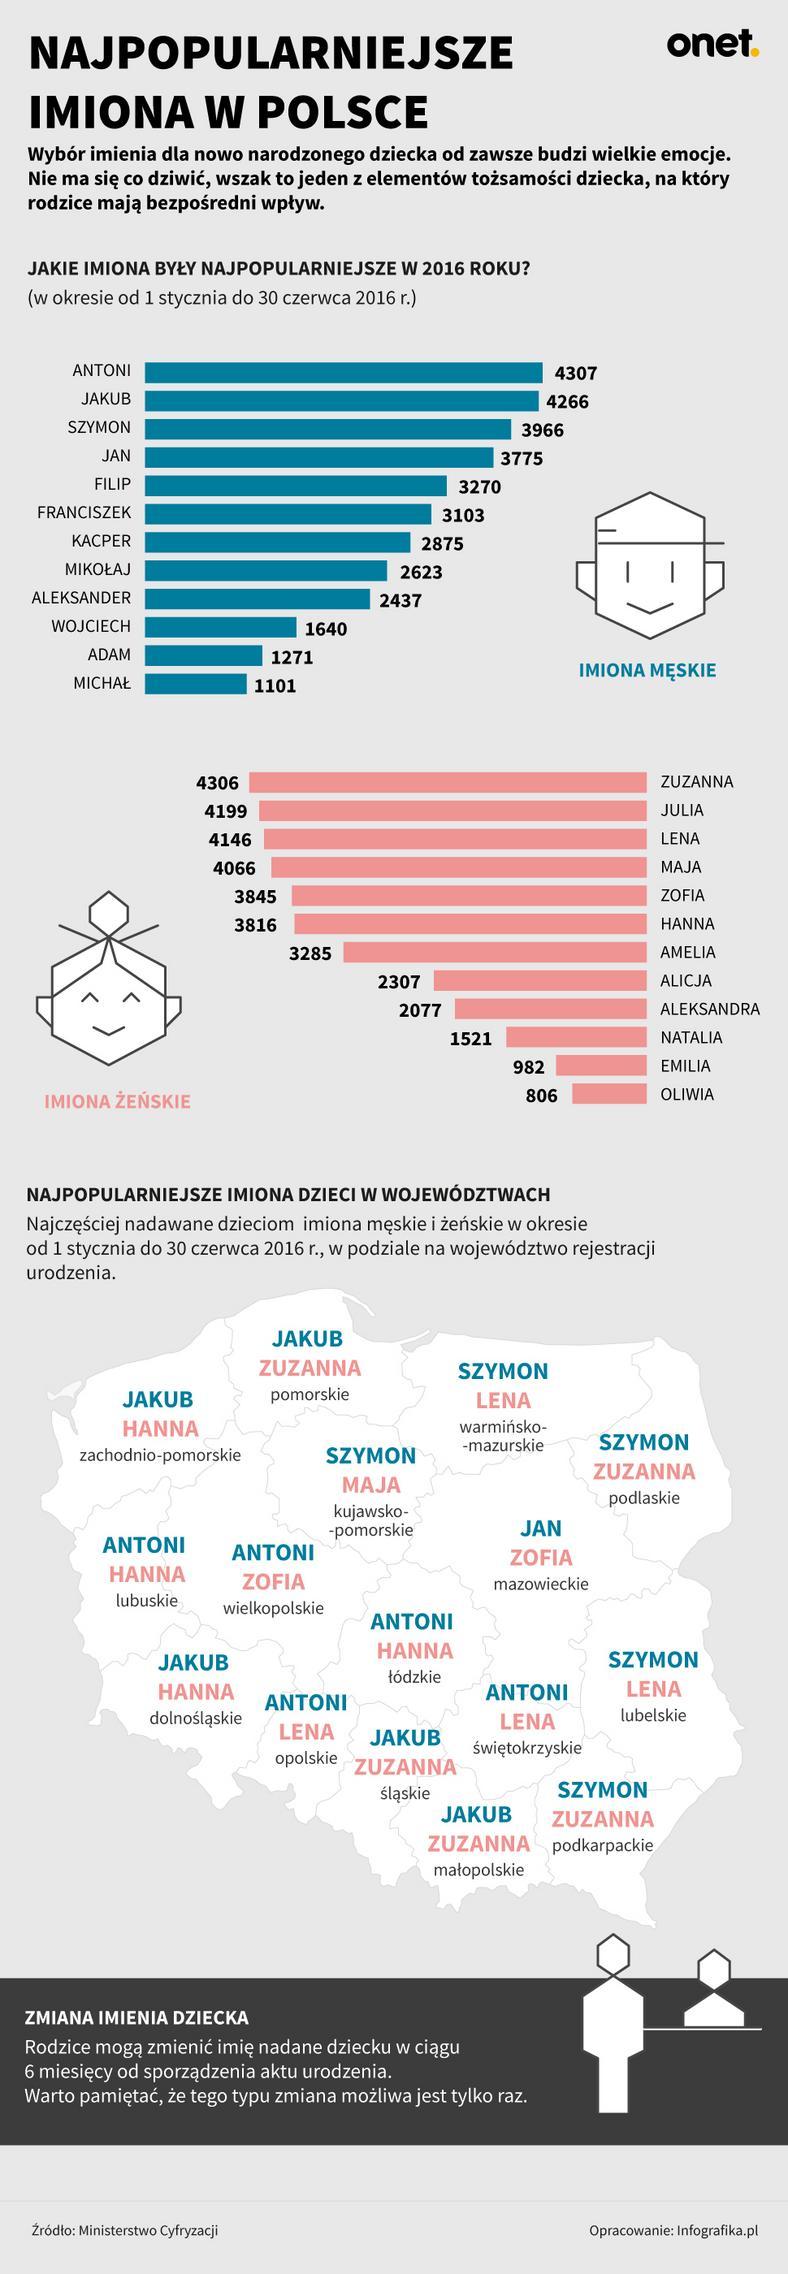 Najpopularniejsze imiona w Polsce